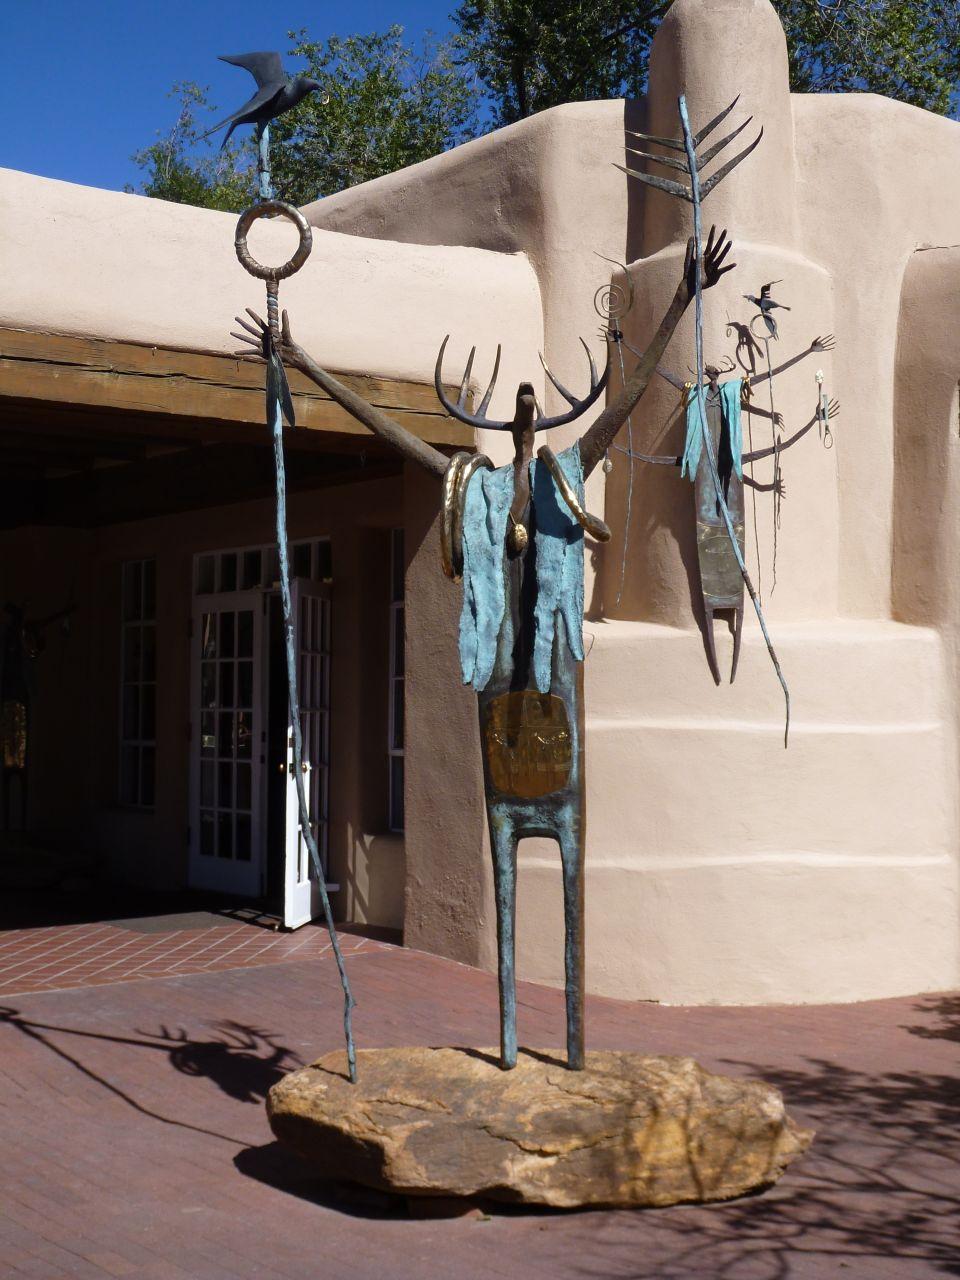 Sculptures Abound In Santa Fe